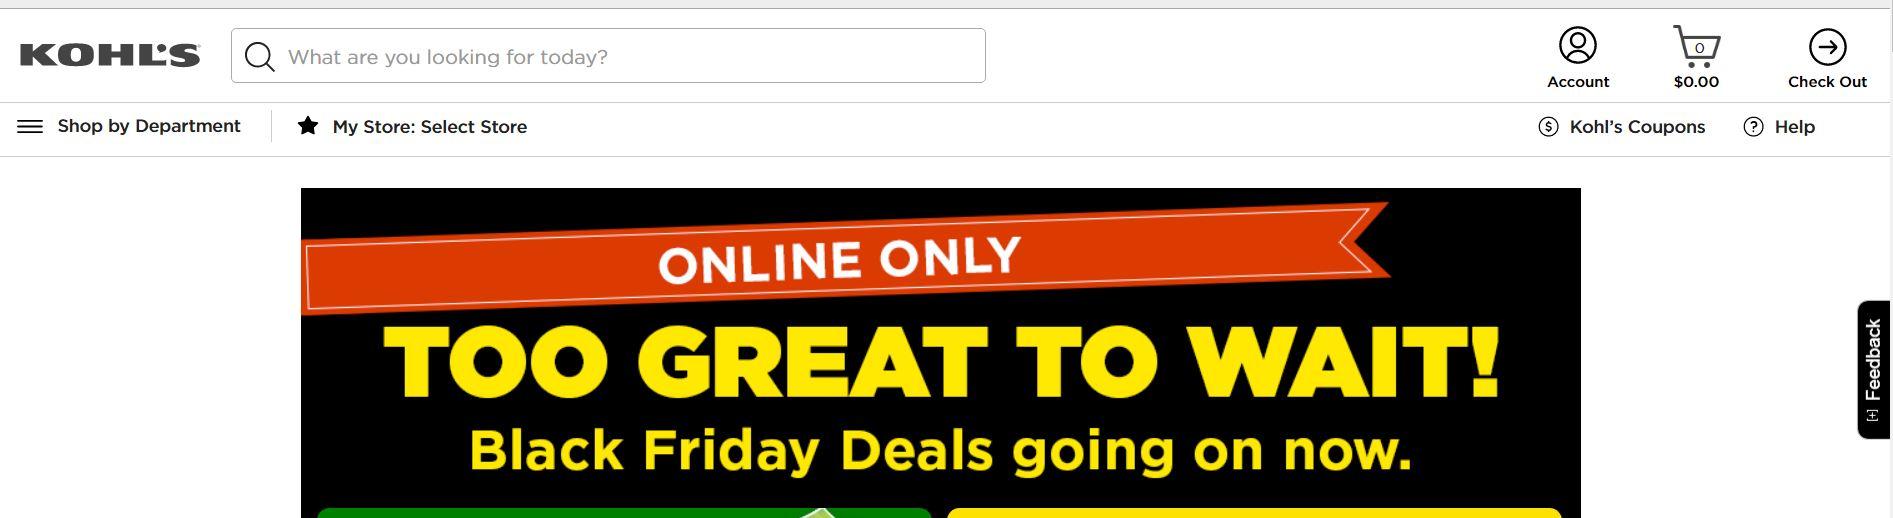 أفضل يوم الجمعة الأسود المخازن على الإنترنت